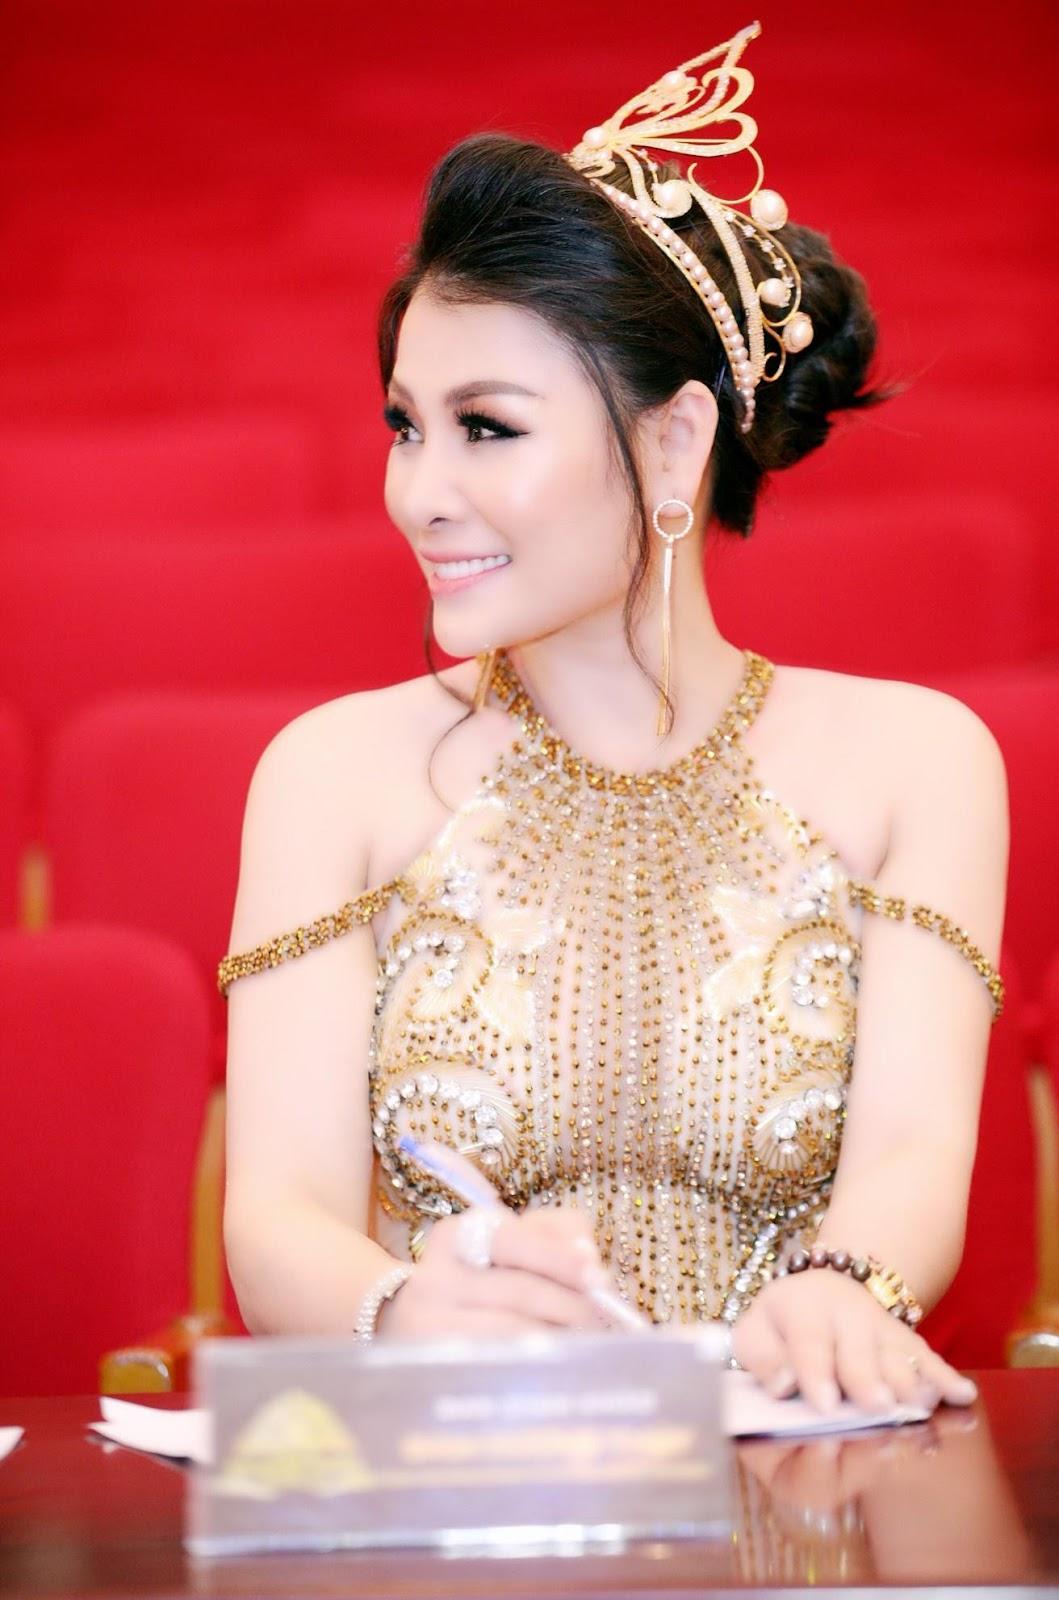 Hoa hậu doanh nhân Đàm Hương Thủy nổi bật khi ngồi ghế giám khảo Hoa khôi Đại sứ môi trường Hải Phòng năm 2019  - Ảnh 6